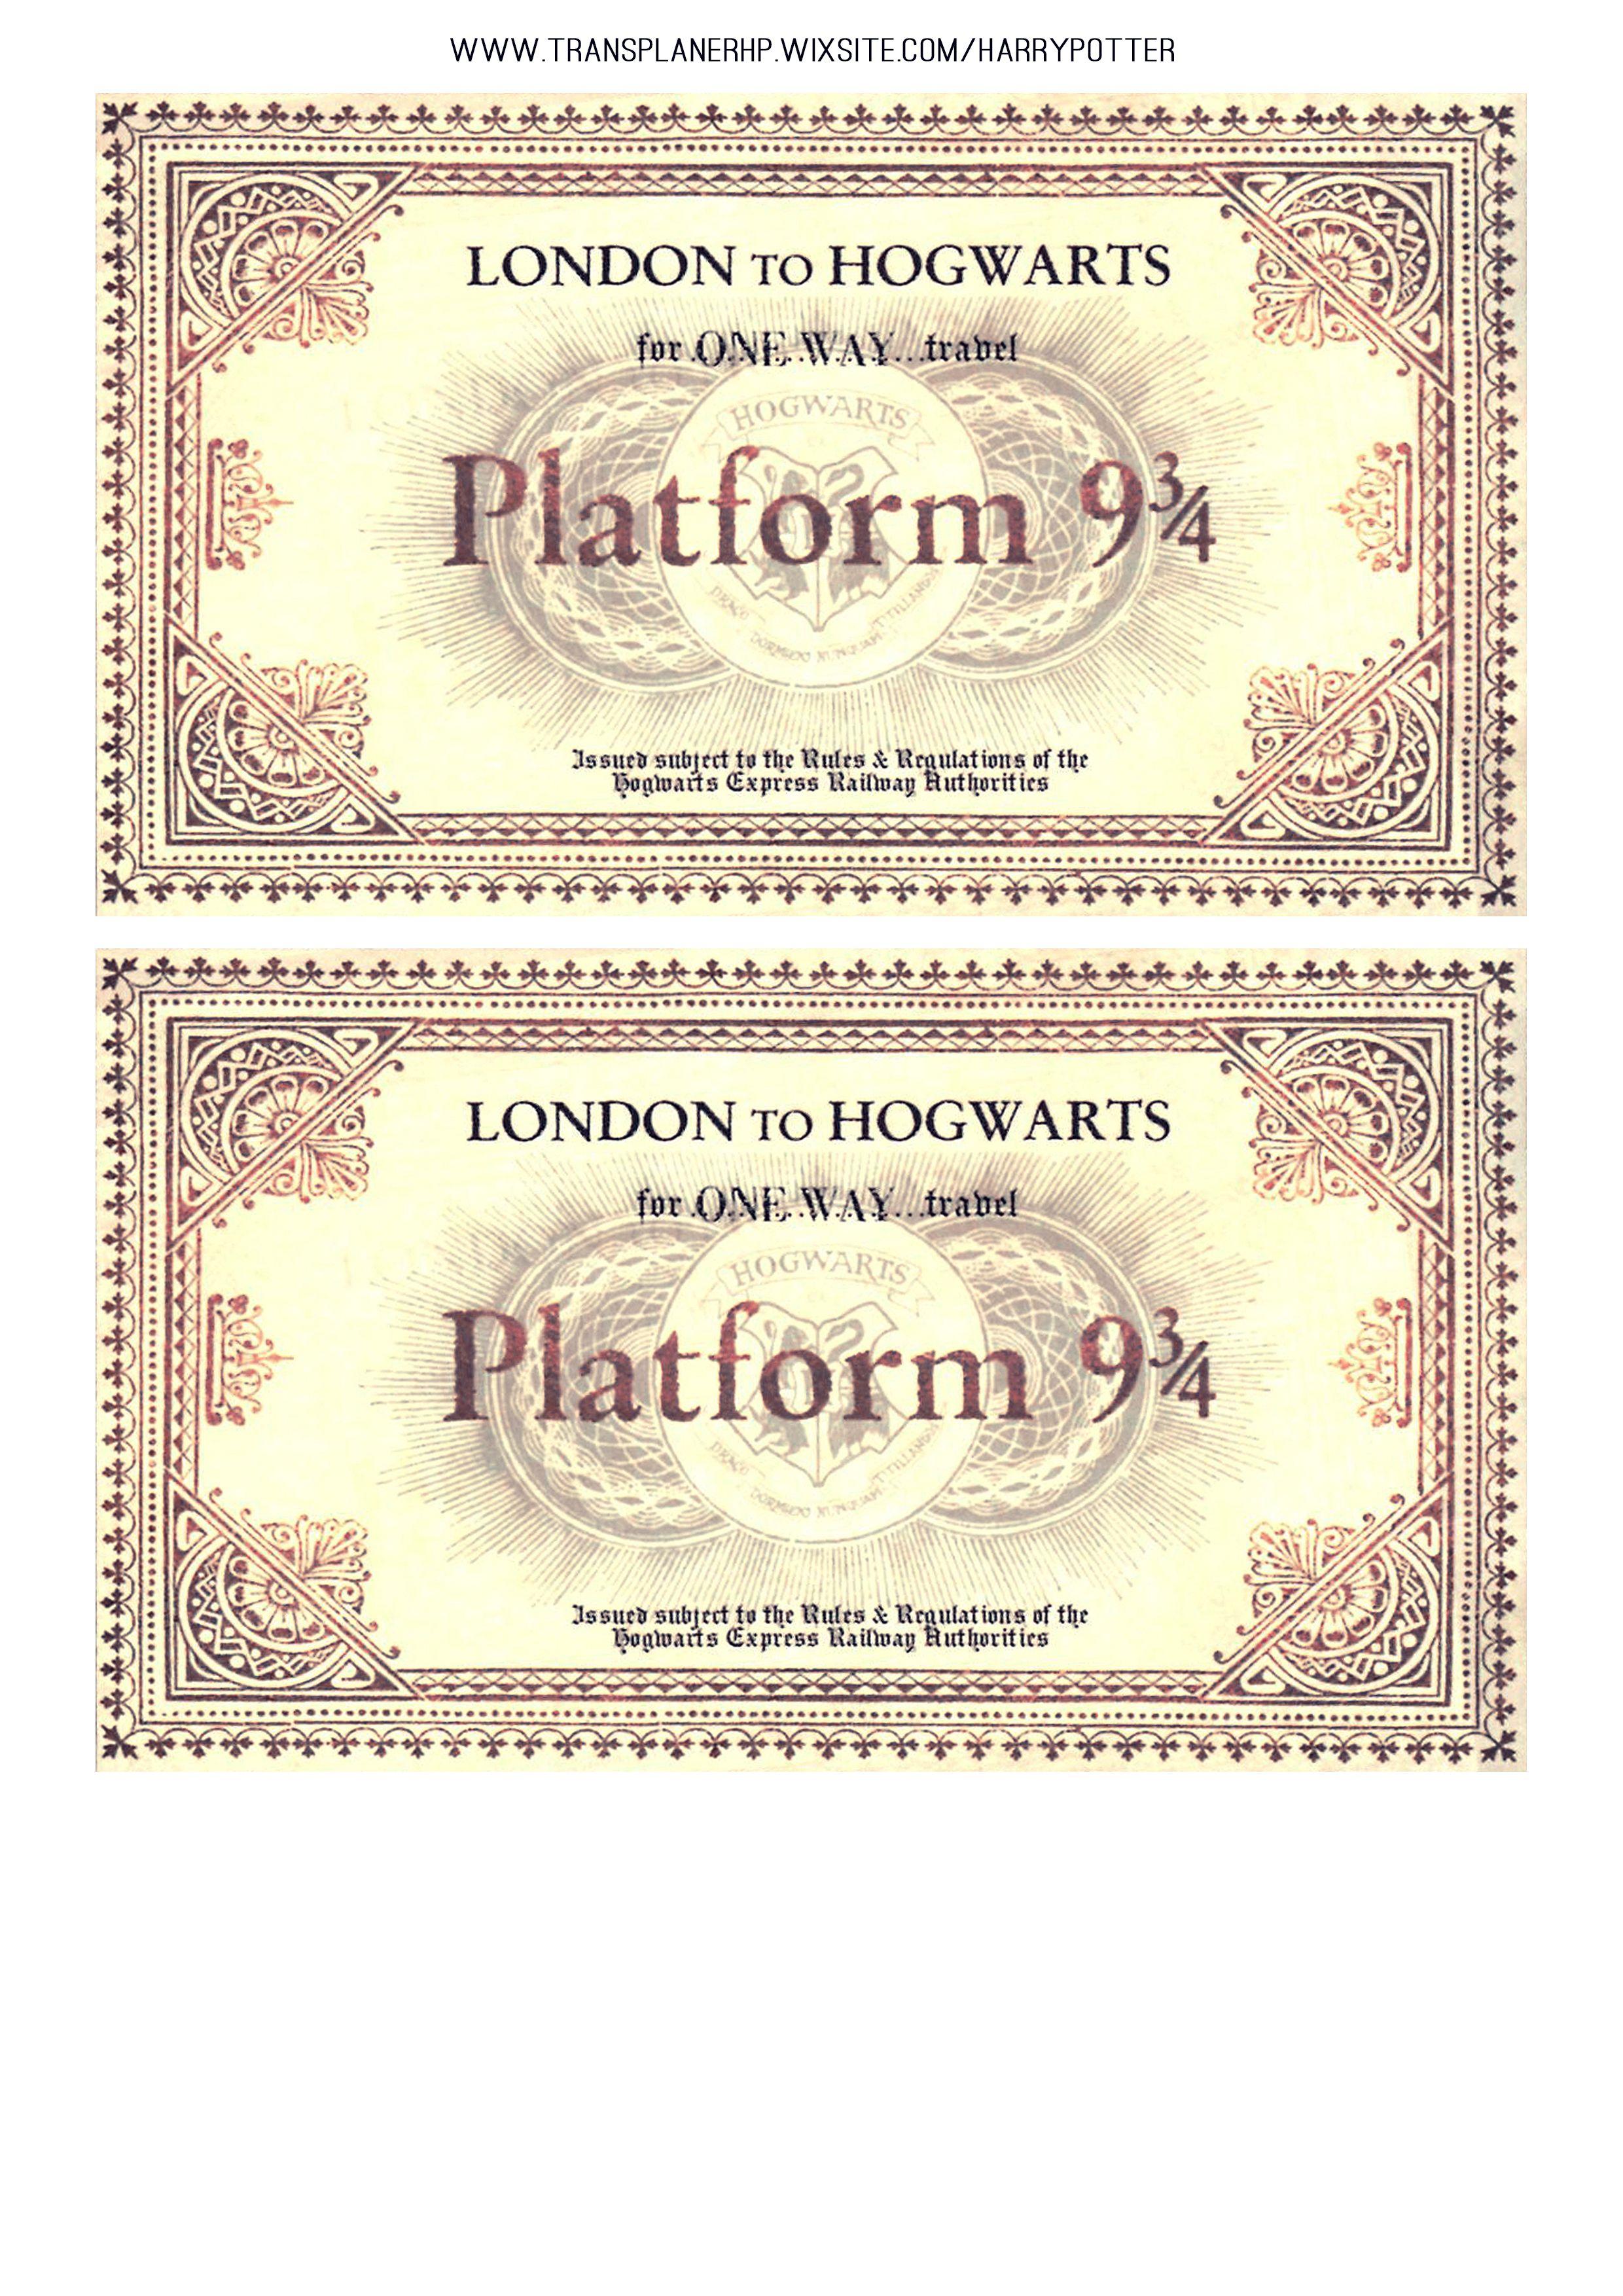 Diy Ticket Voie 9 3 4 Lettre Harry Potter Harry Potter Bricolage Monopole Harry Potter